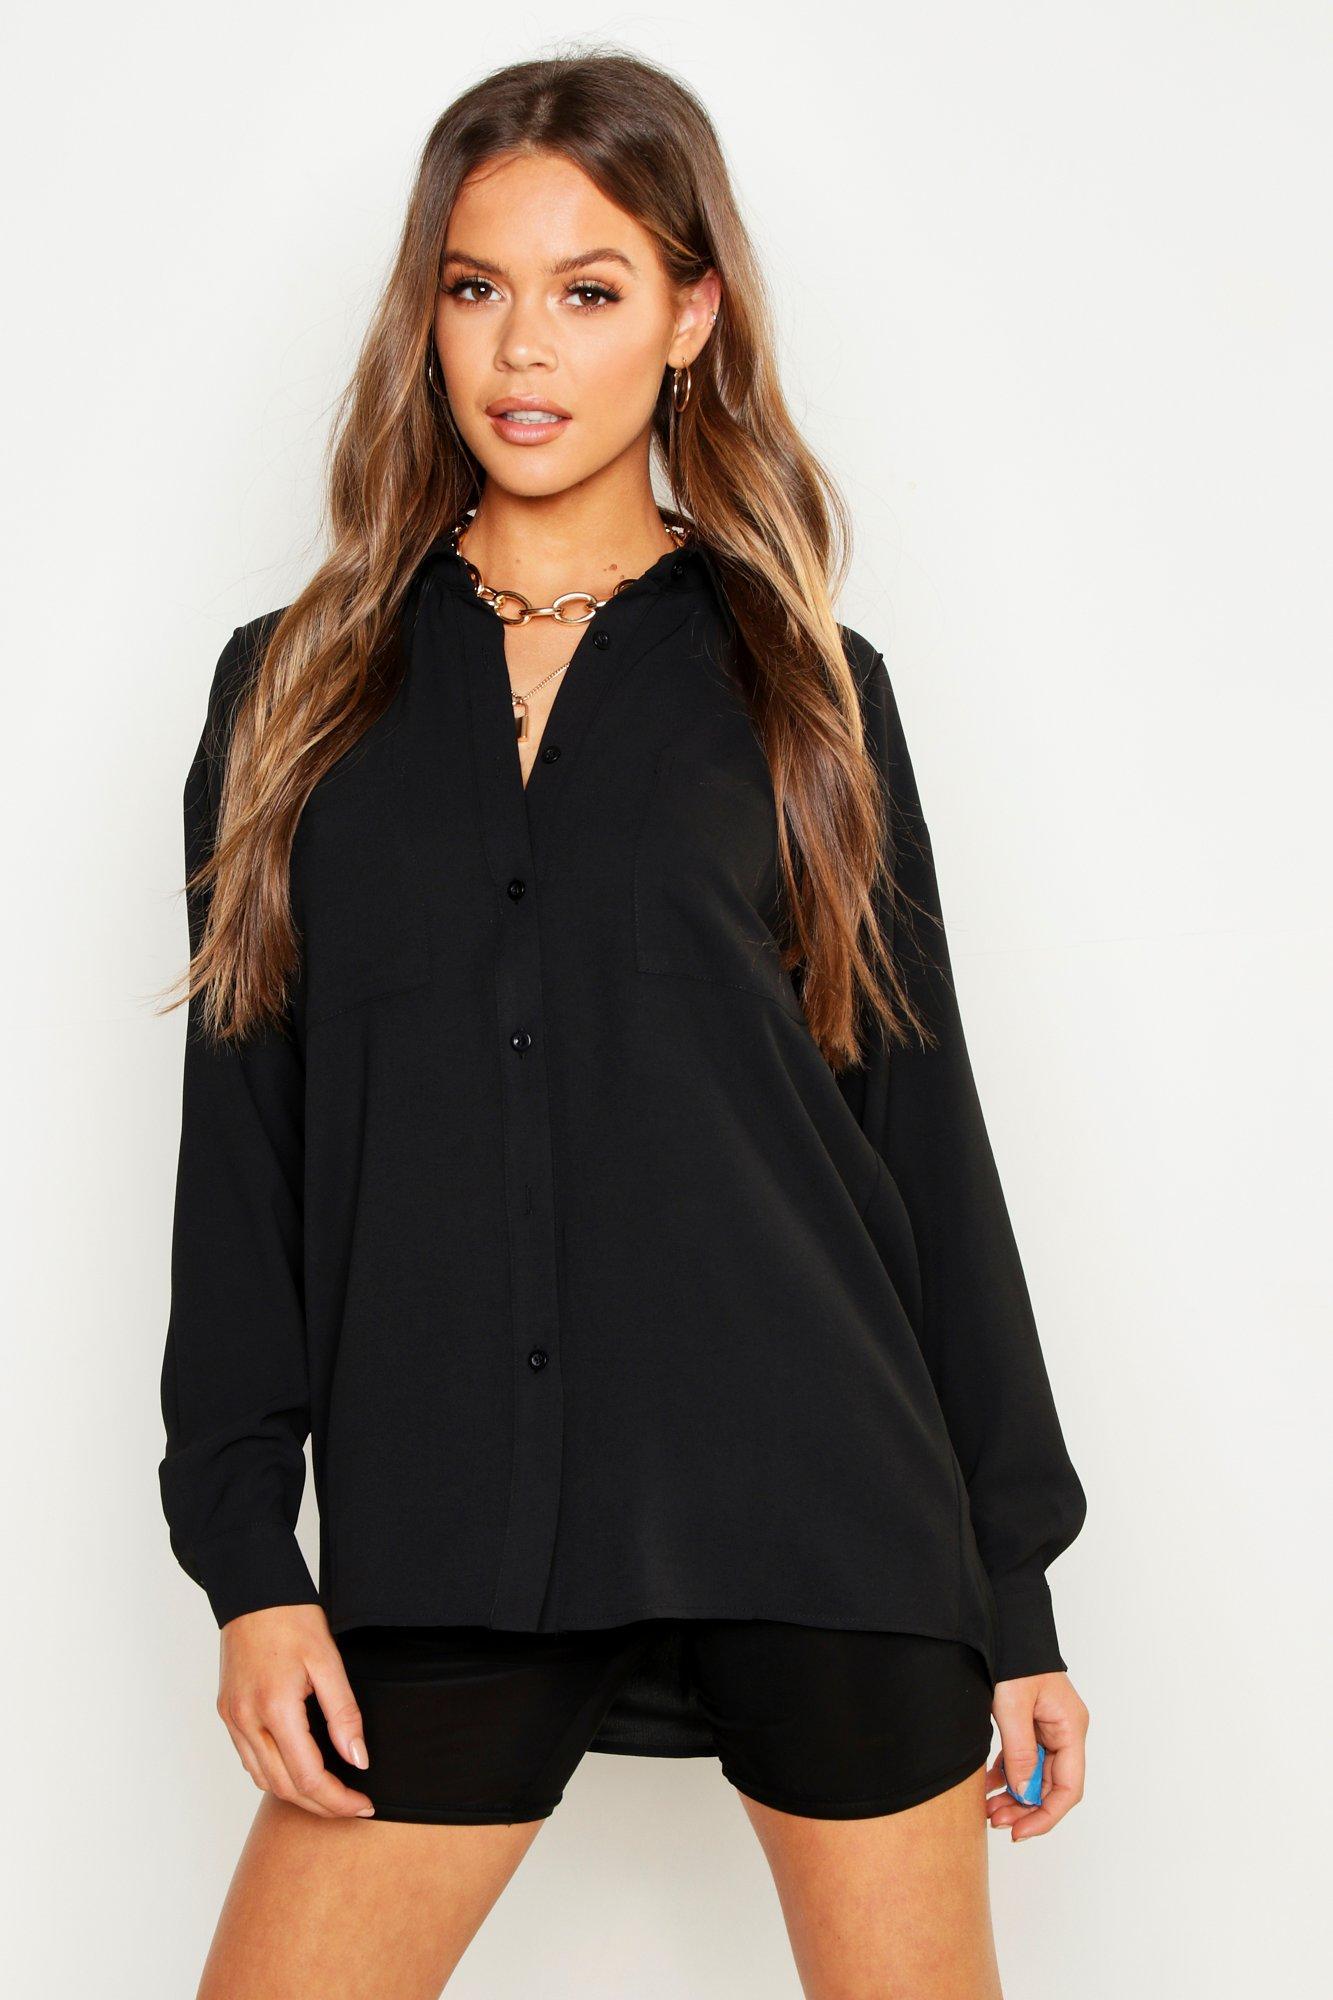 Womens Oversized T-Shirt mit Baumwollfeeling und Nahtdetail - schwarz - 32, Schwarz - Boohoo.com